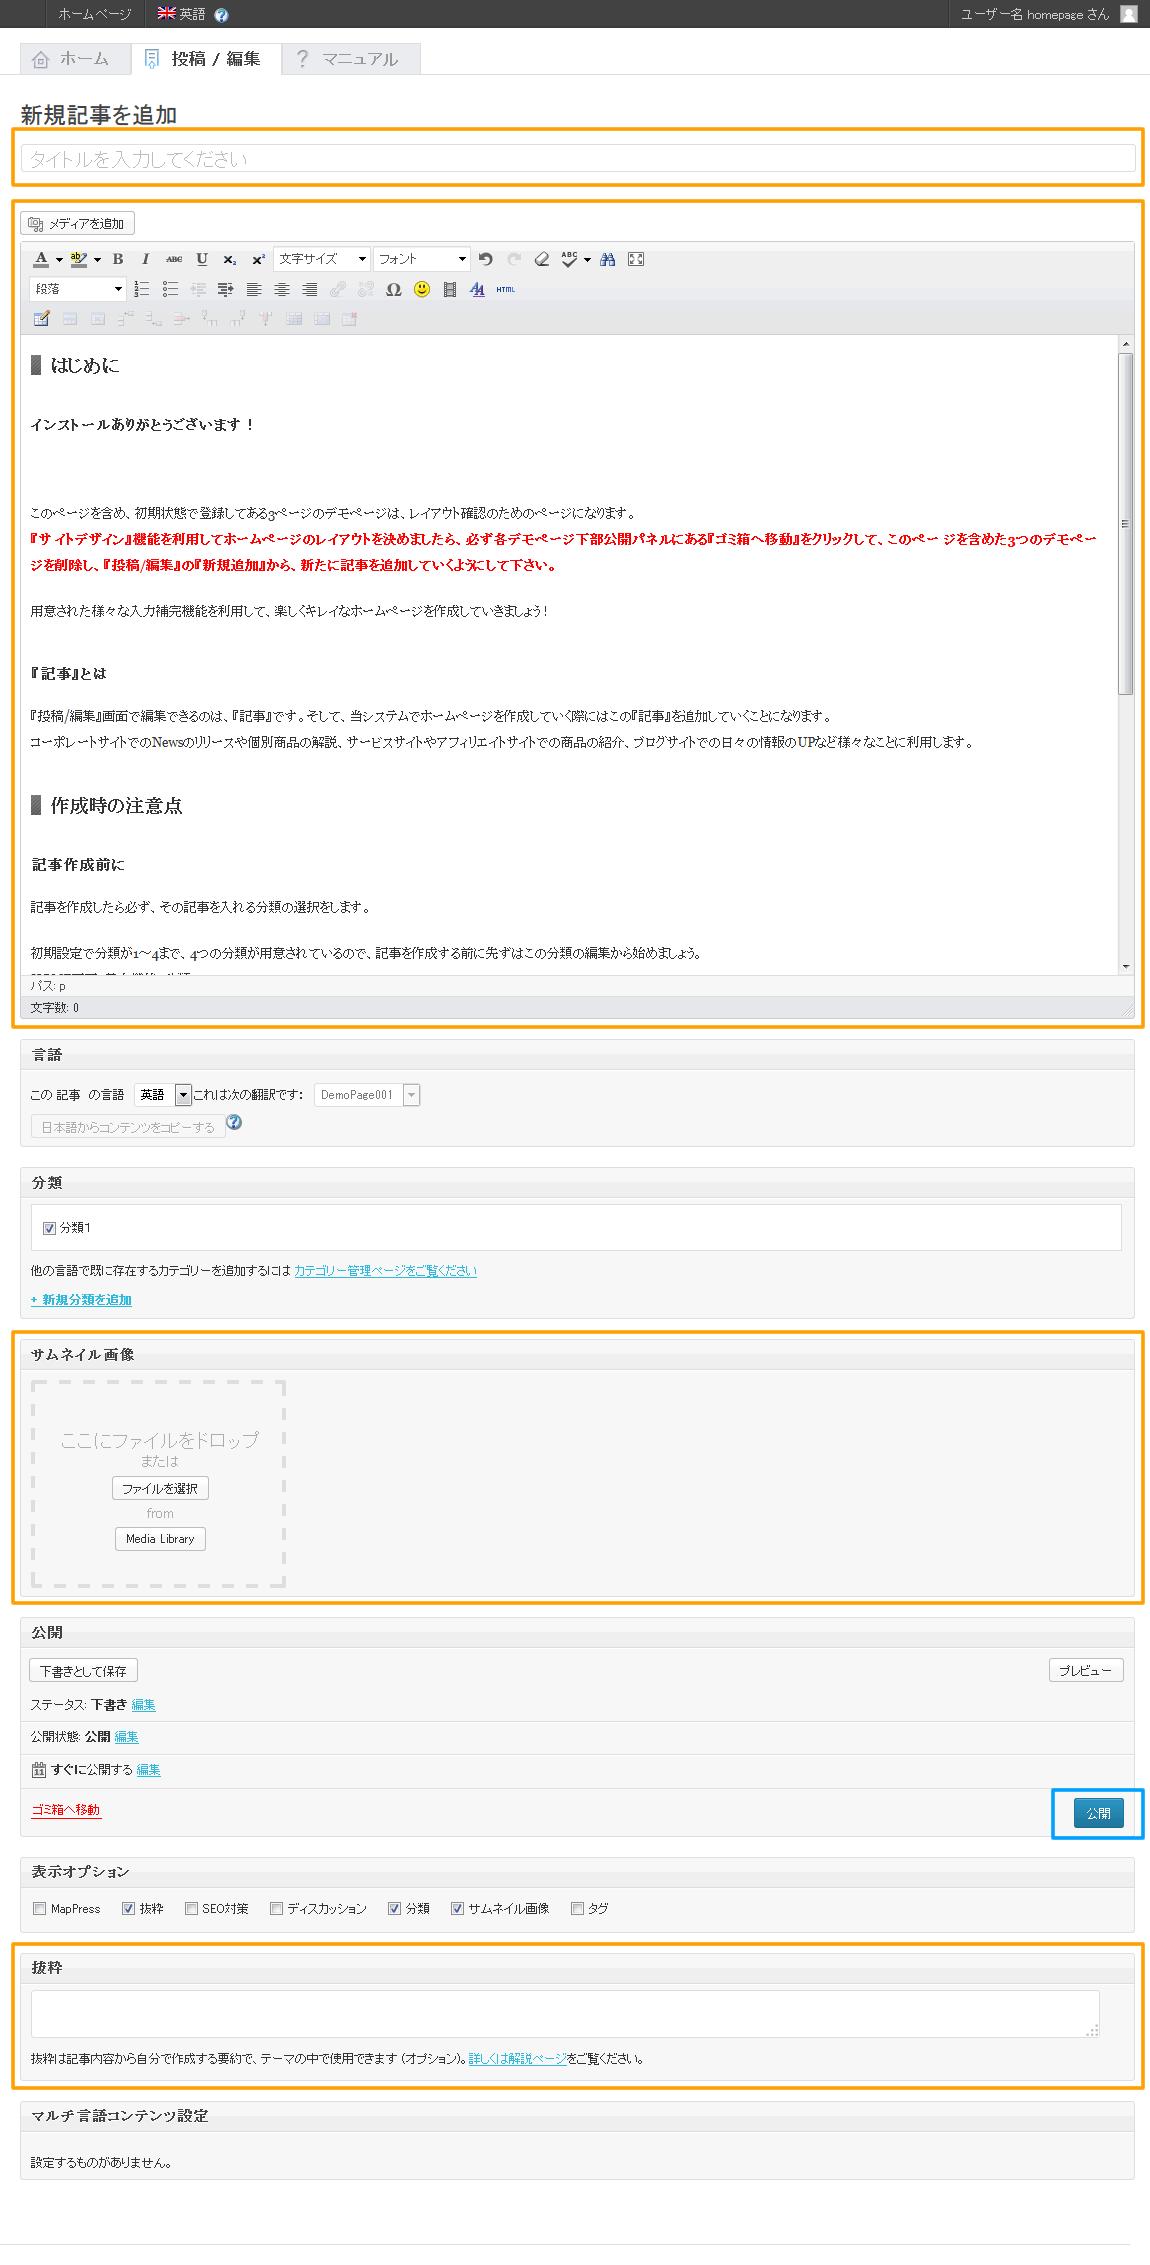 投稿/編集画面 入力エリア | 簡単格安ホームページ作成サイト - FunMaker